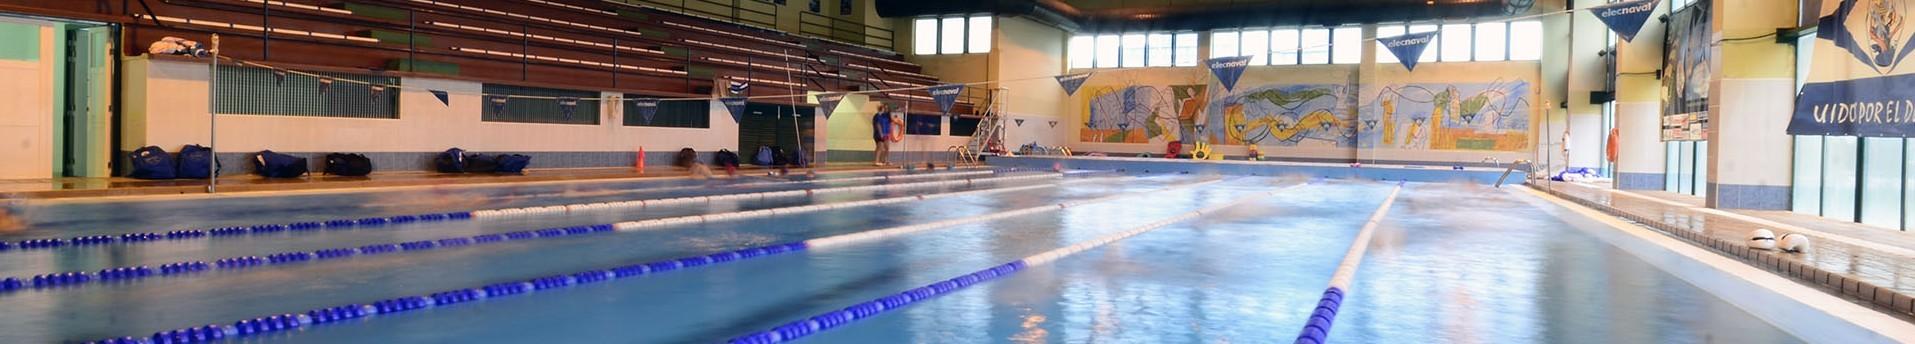 Escuelas Deportivas de Natación